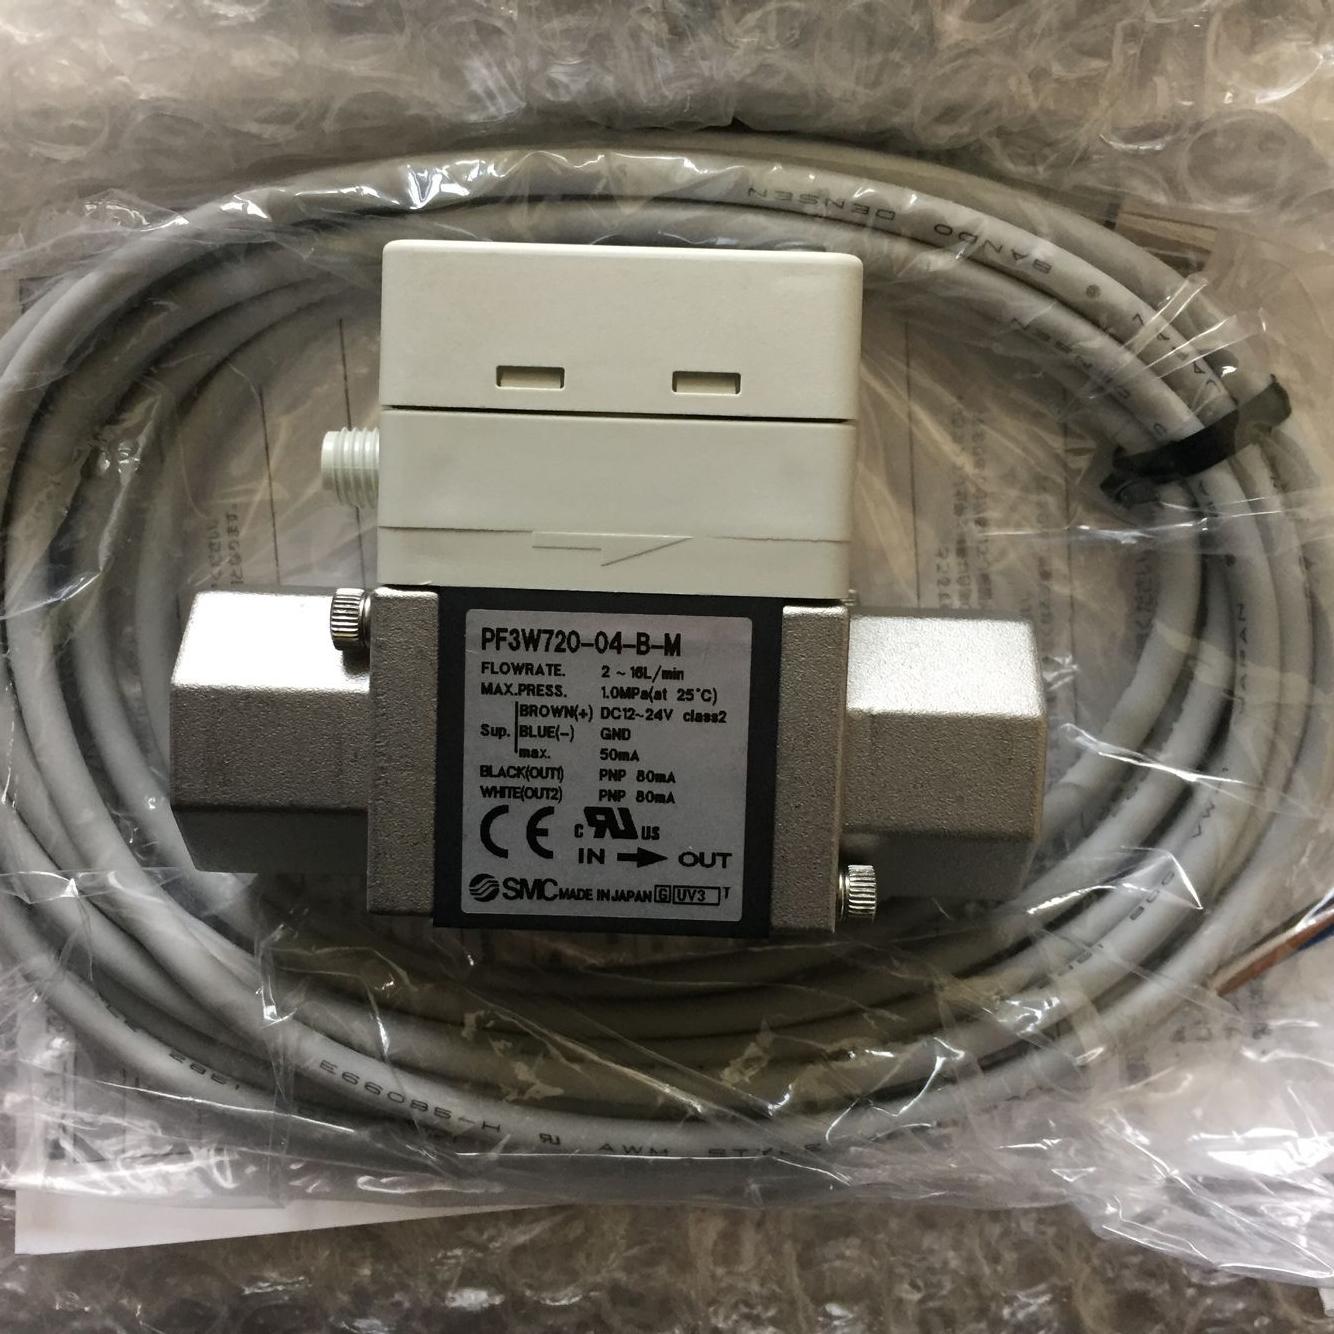 Cảm biến SMC PF3W720-04-B-M